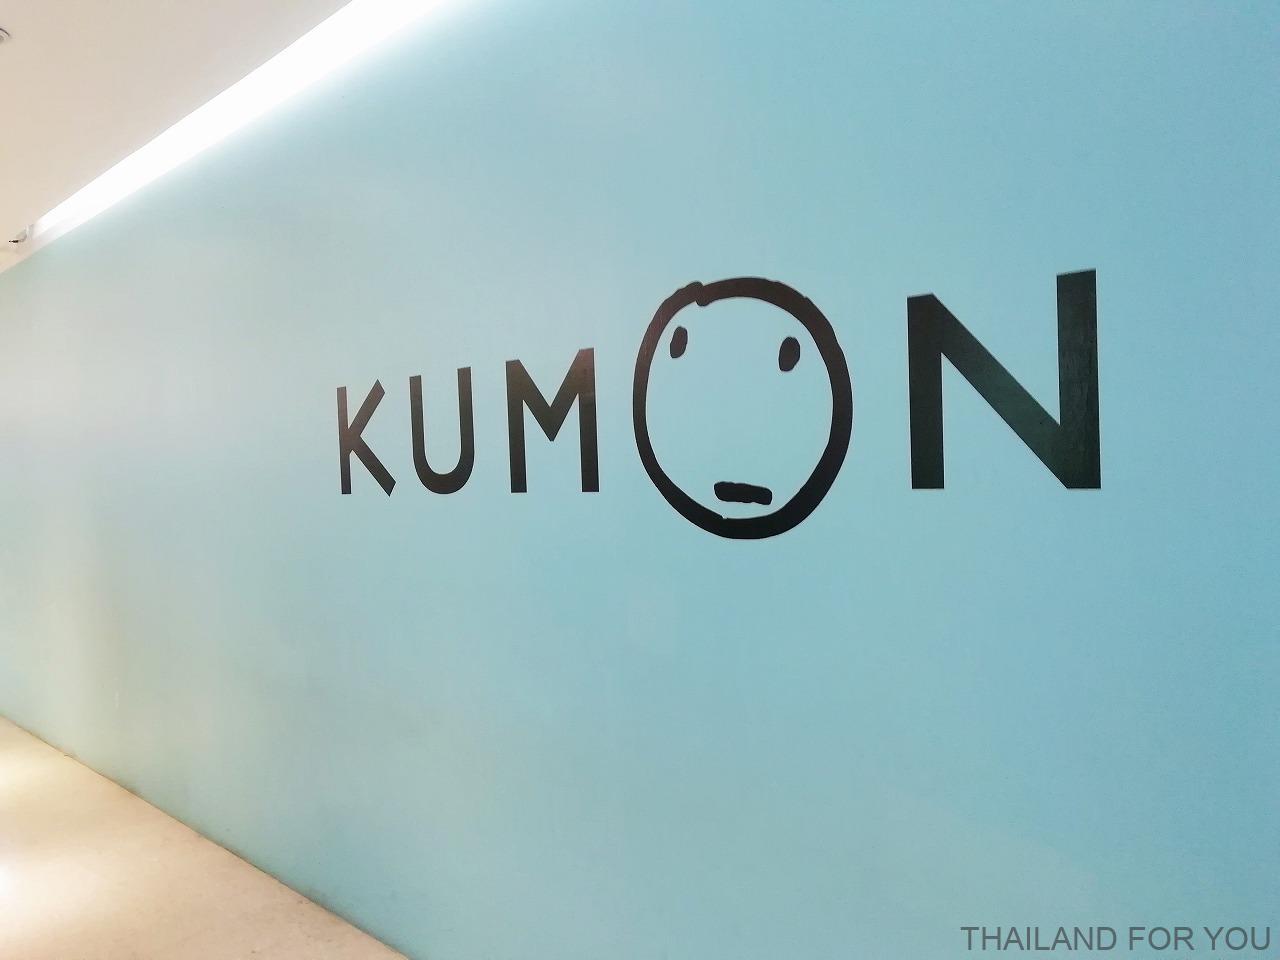 ハーバーパタヤ 公文式(KUMON)